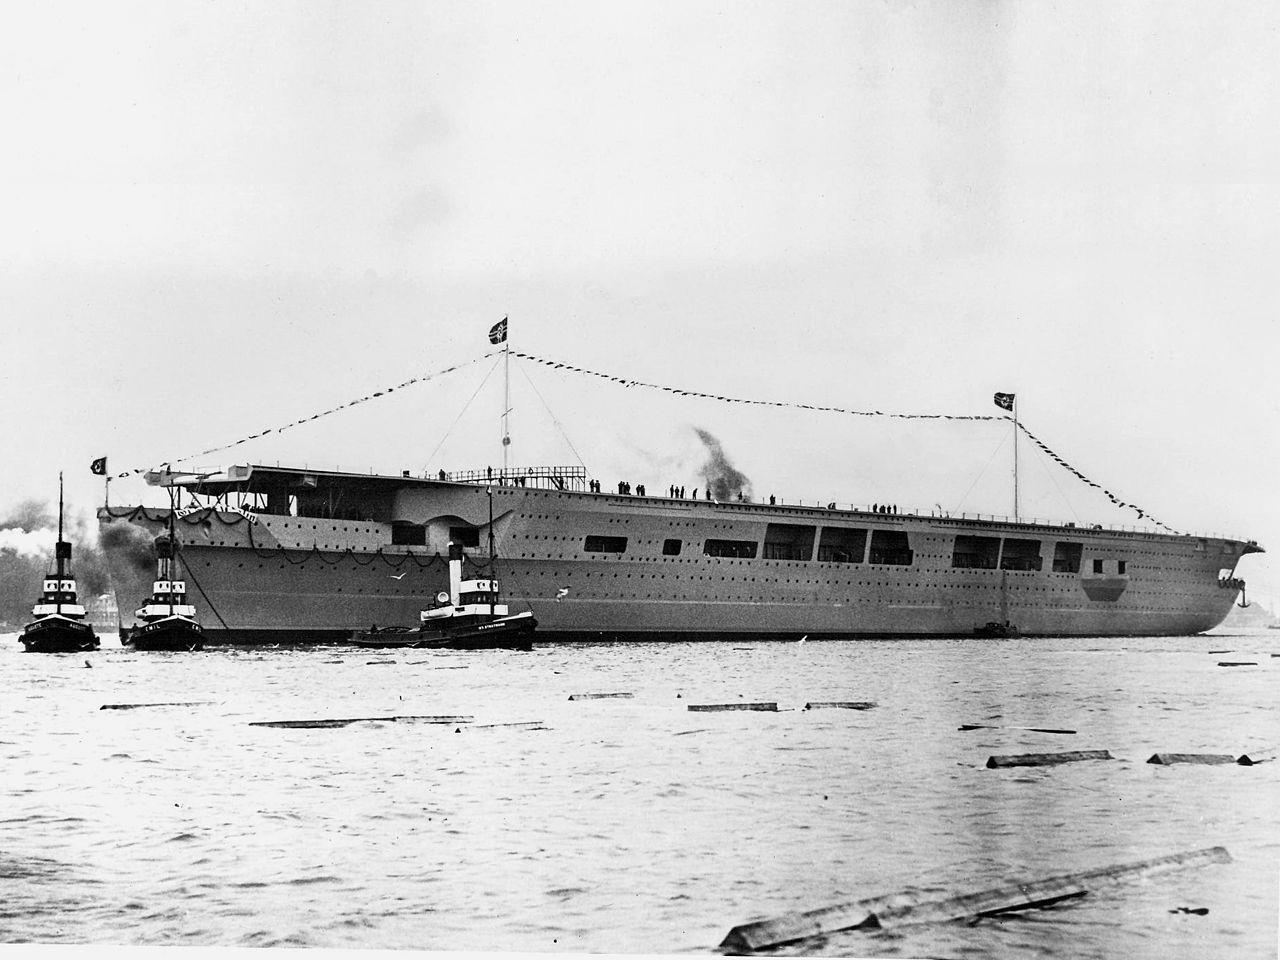 เรือบรรทุกเครื่องบินกราฟ เซ็พเพอลีน (Aircraft Carrier Graf Zeppelin) เรือรบที่ถูกลืมในสงครามโลกครั้งที่ 2